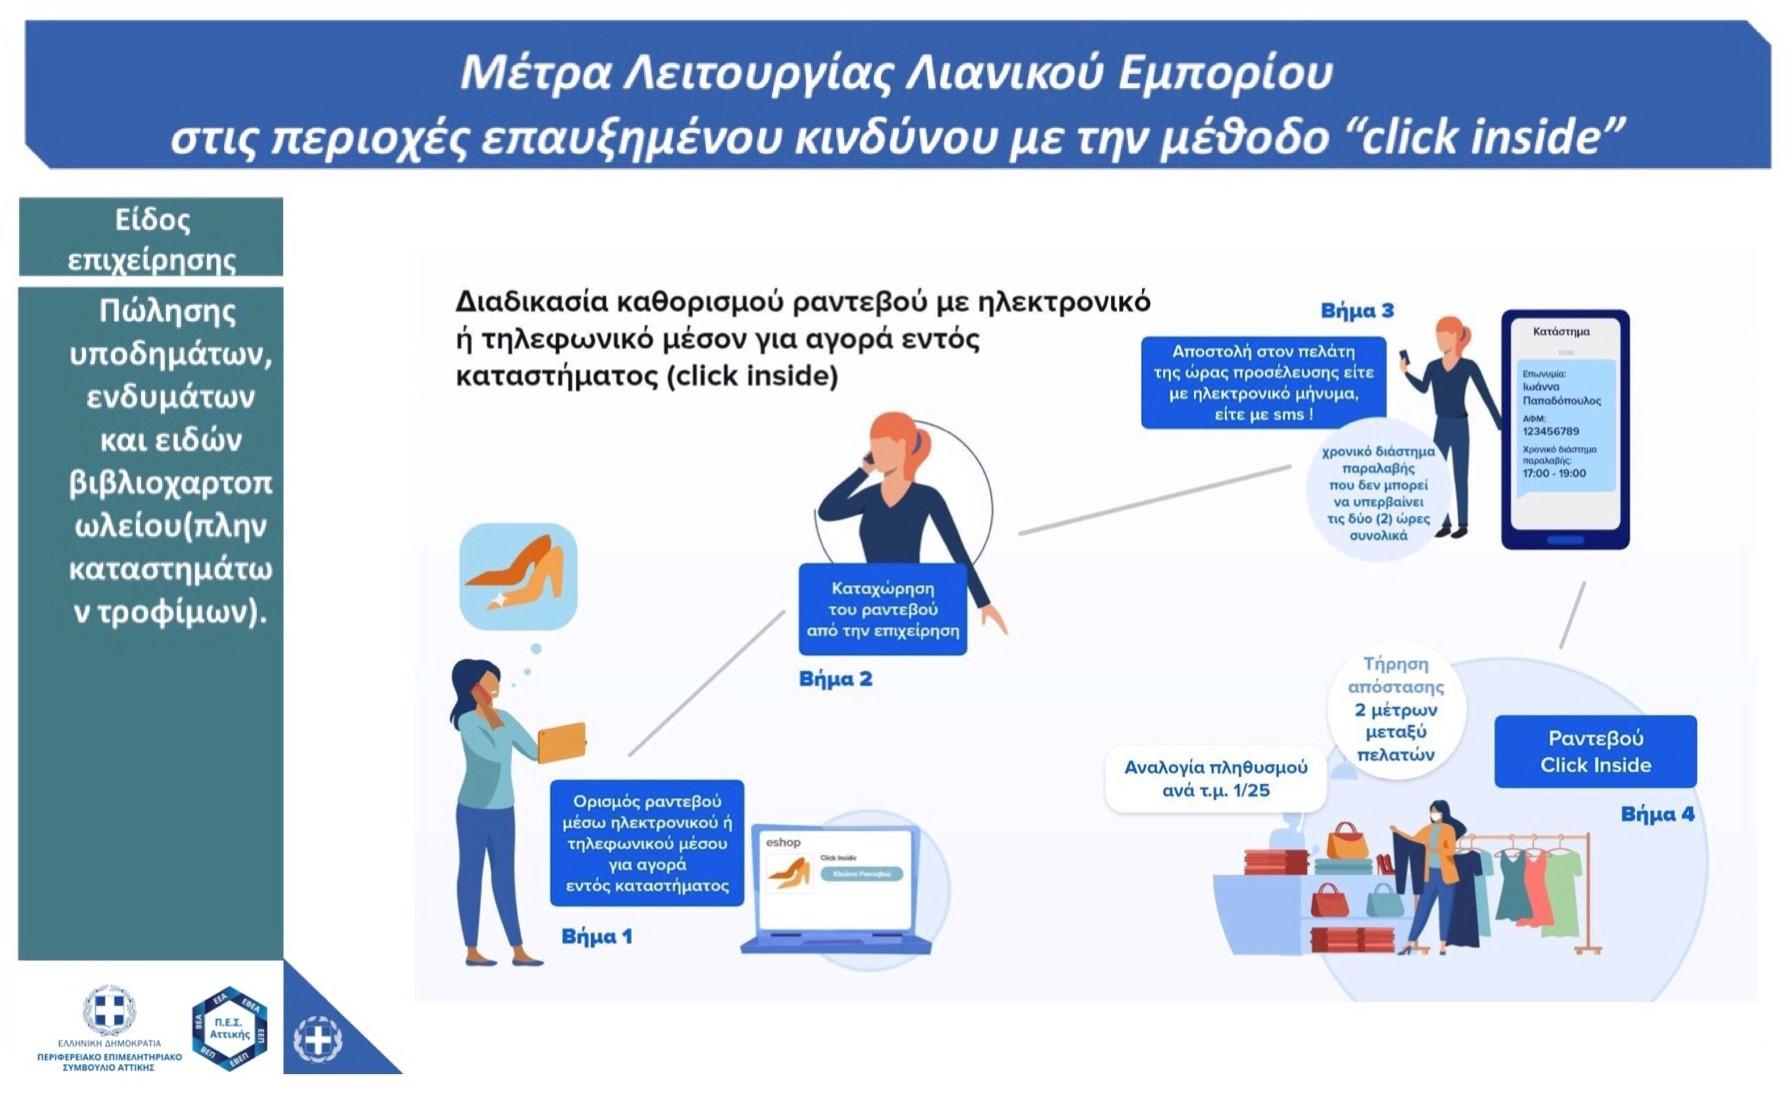 grafima-metra_leitoyrgias_lianikoy_emporioy_1.jpg